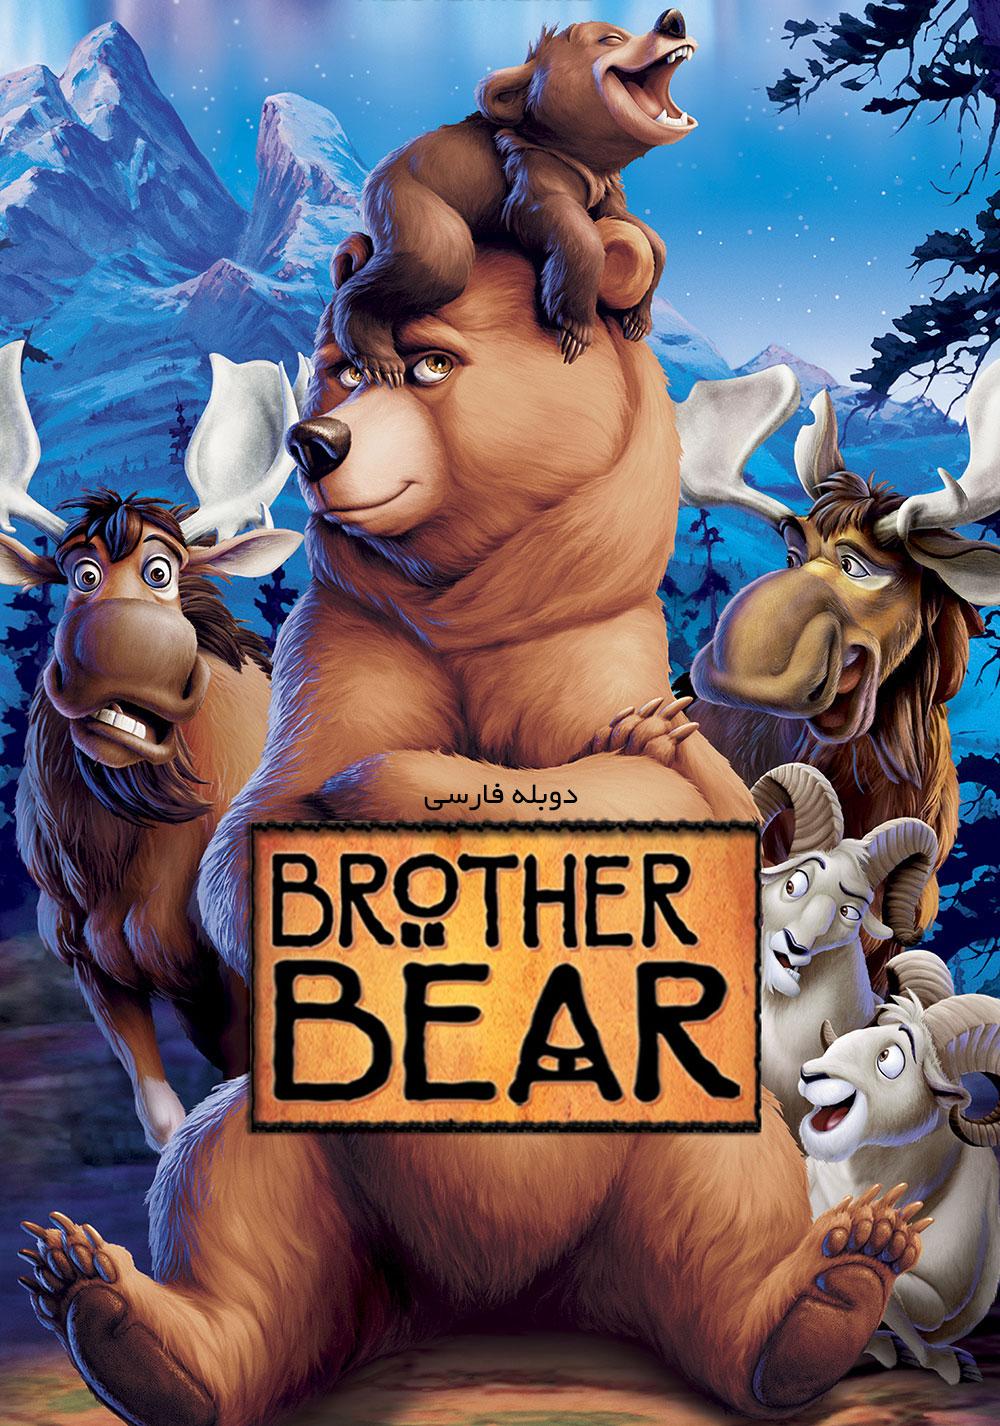 دانلود انیمیشن زیبای Brother Bear - دانلود انیمیشن زیبای Brother Bear خرس برادر دوبله فارسی